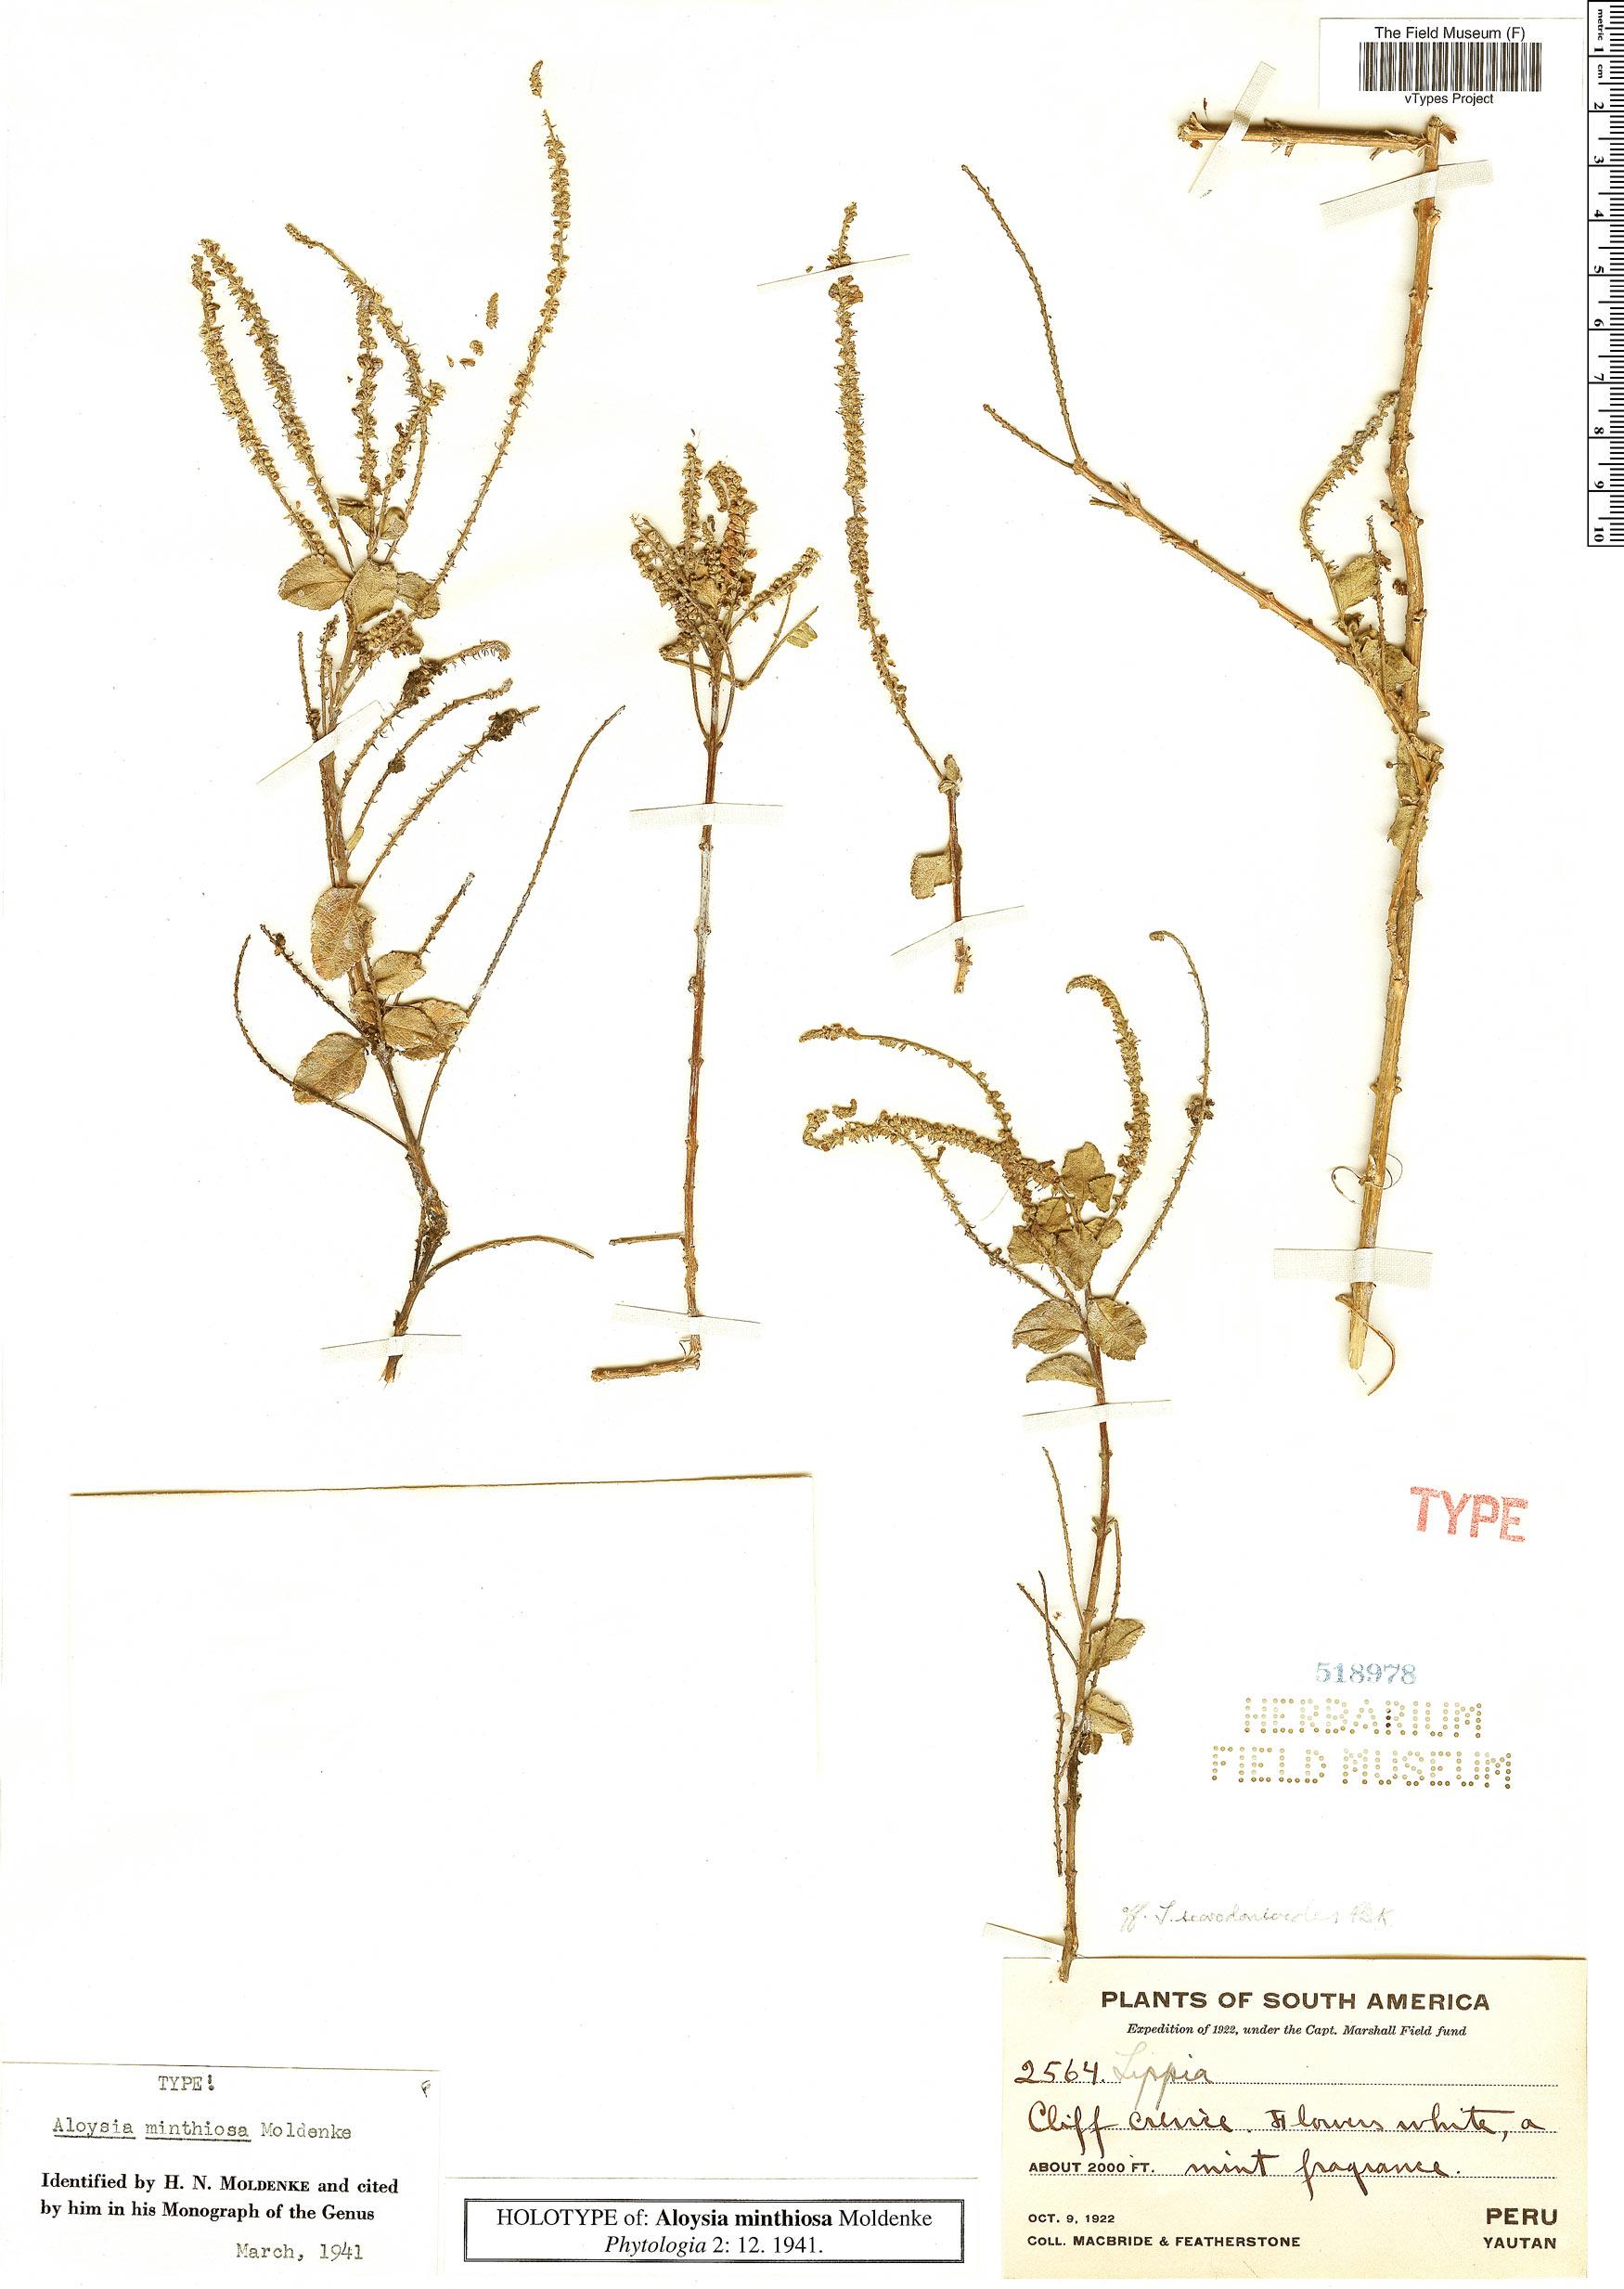 Specimen: Aloysia minthiosa